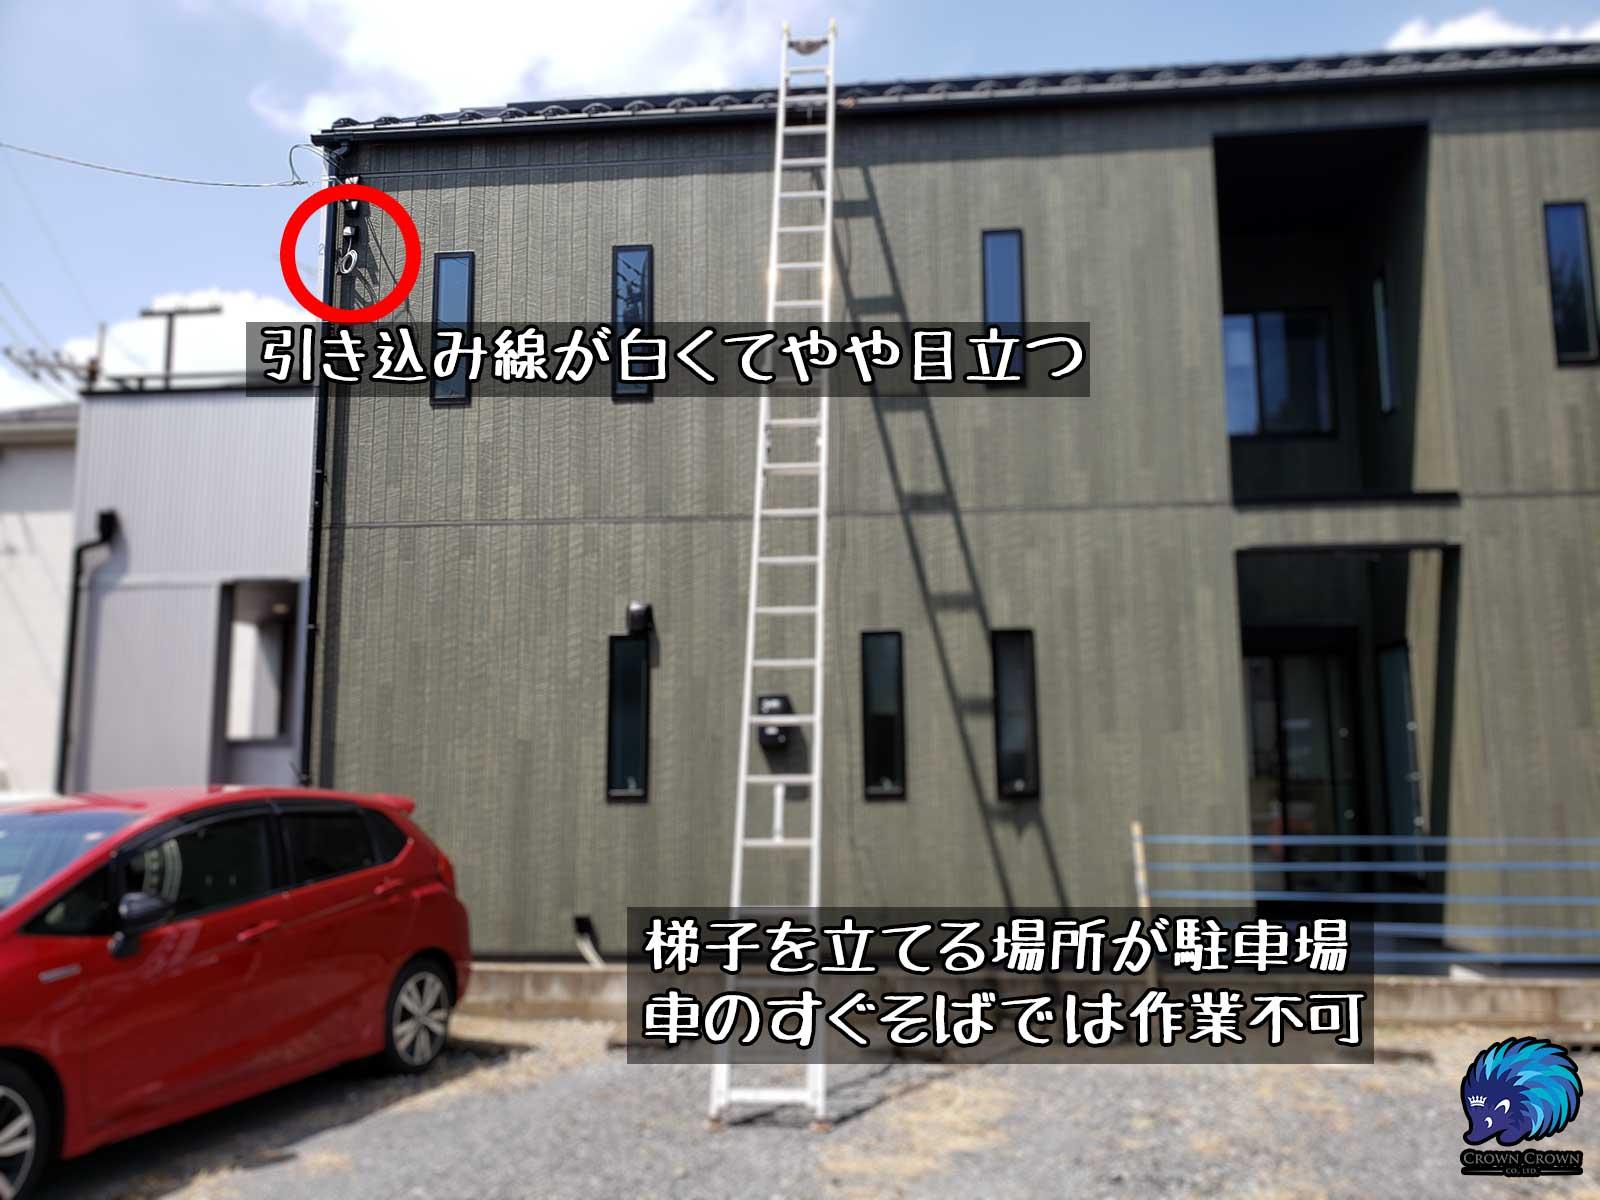 駐車場から梯子作業